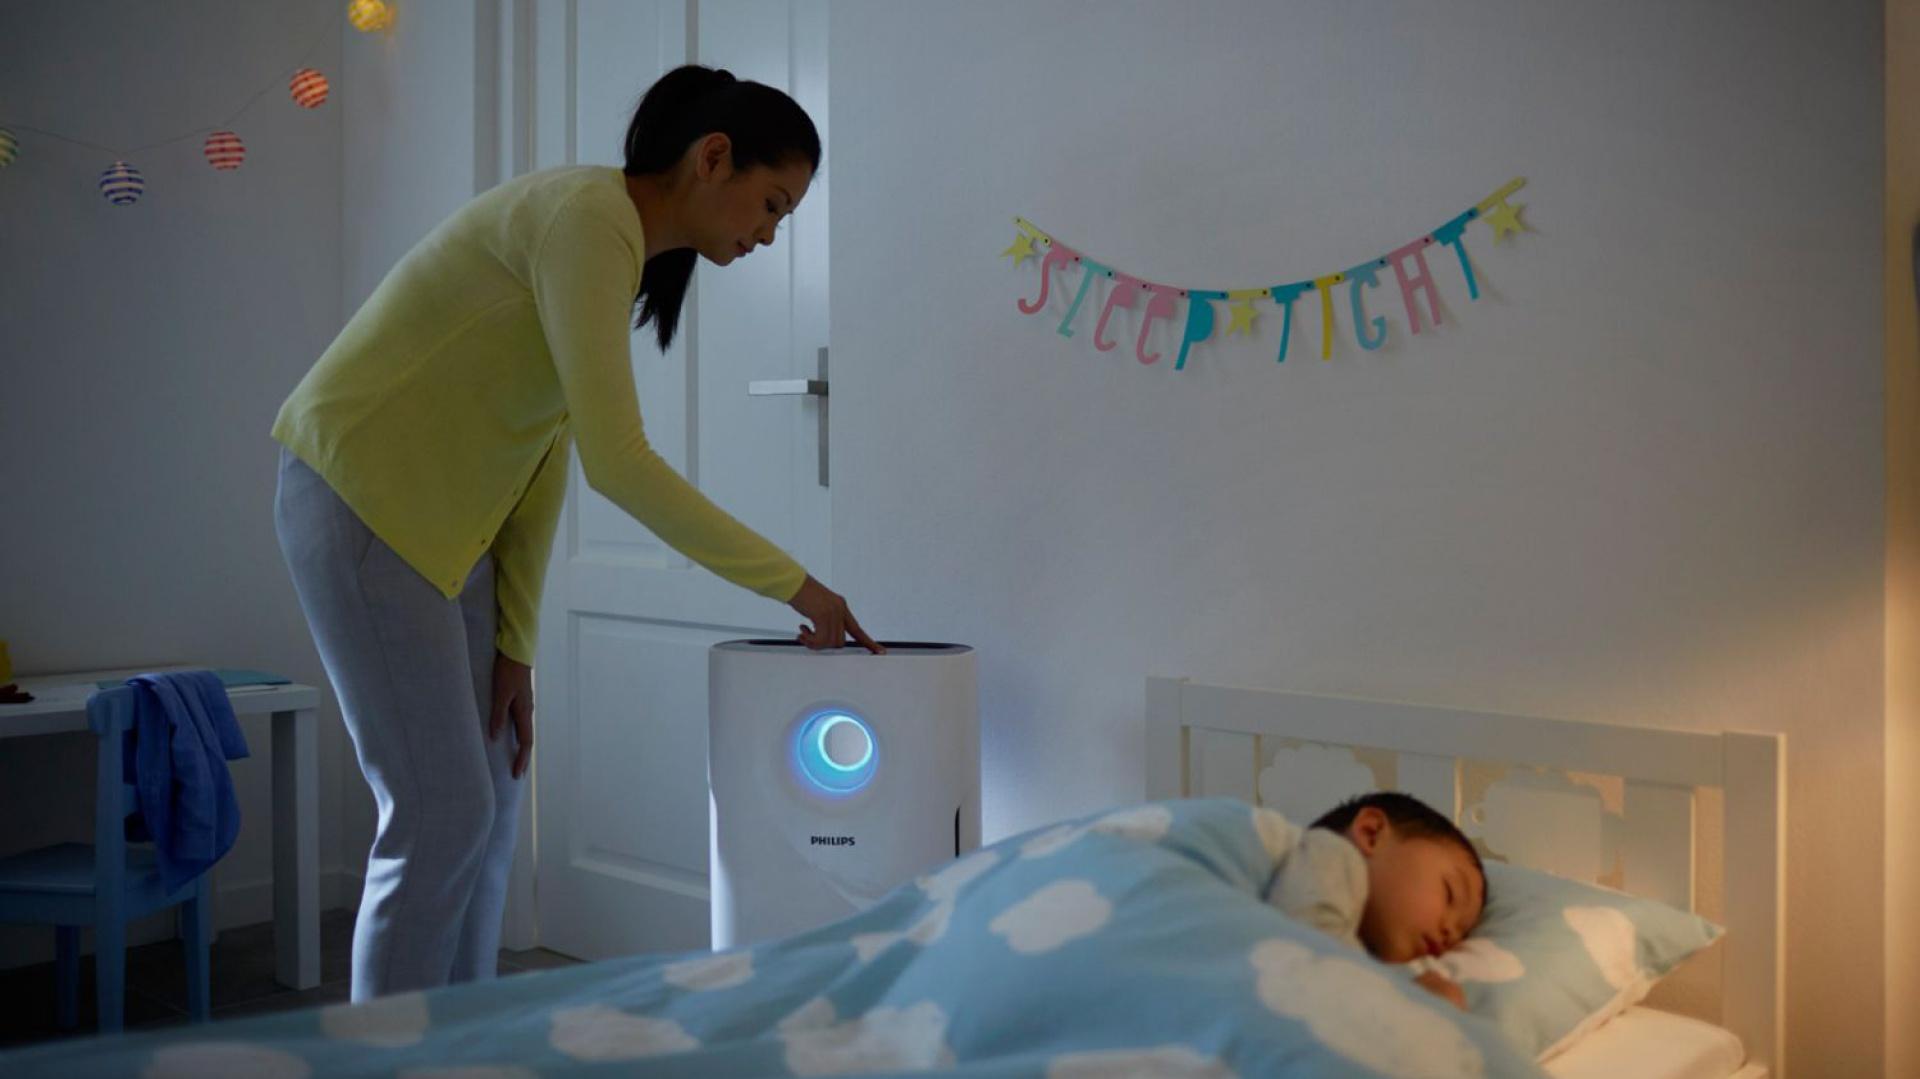 Czyste powietrze to zdrowe powietrze - szczególnie ważne w mieszkaniach alergików. Fot. Philips